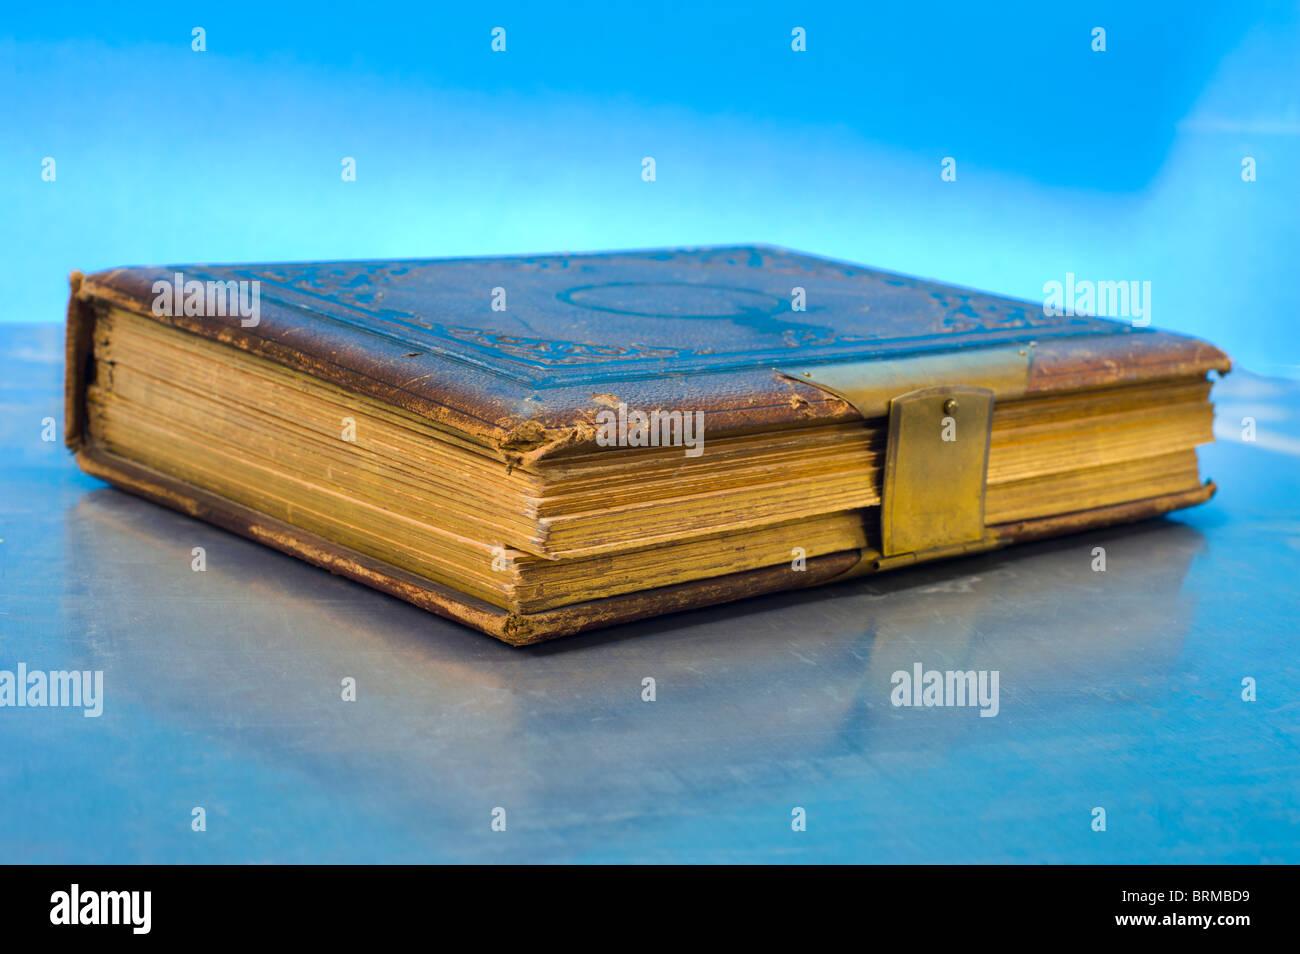 großen alten Buch Symbol symbolischen blauen Hintergrund gold goldene alte Bibel Tagebuch Studio gedreht hell Stockbild